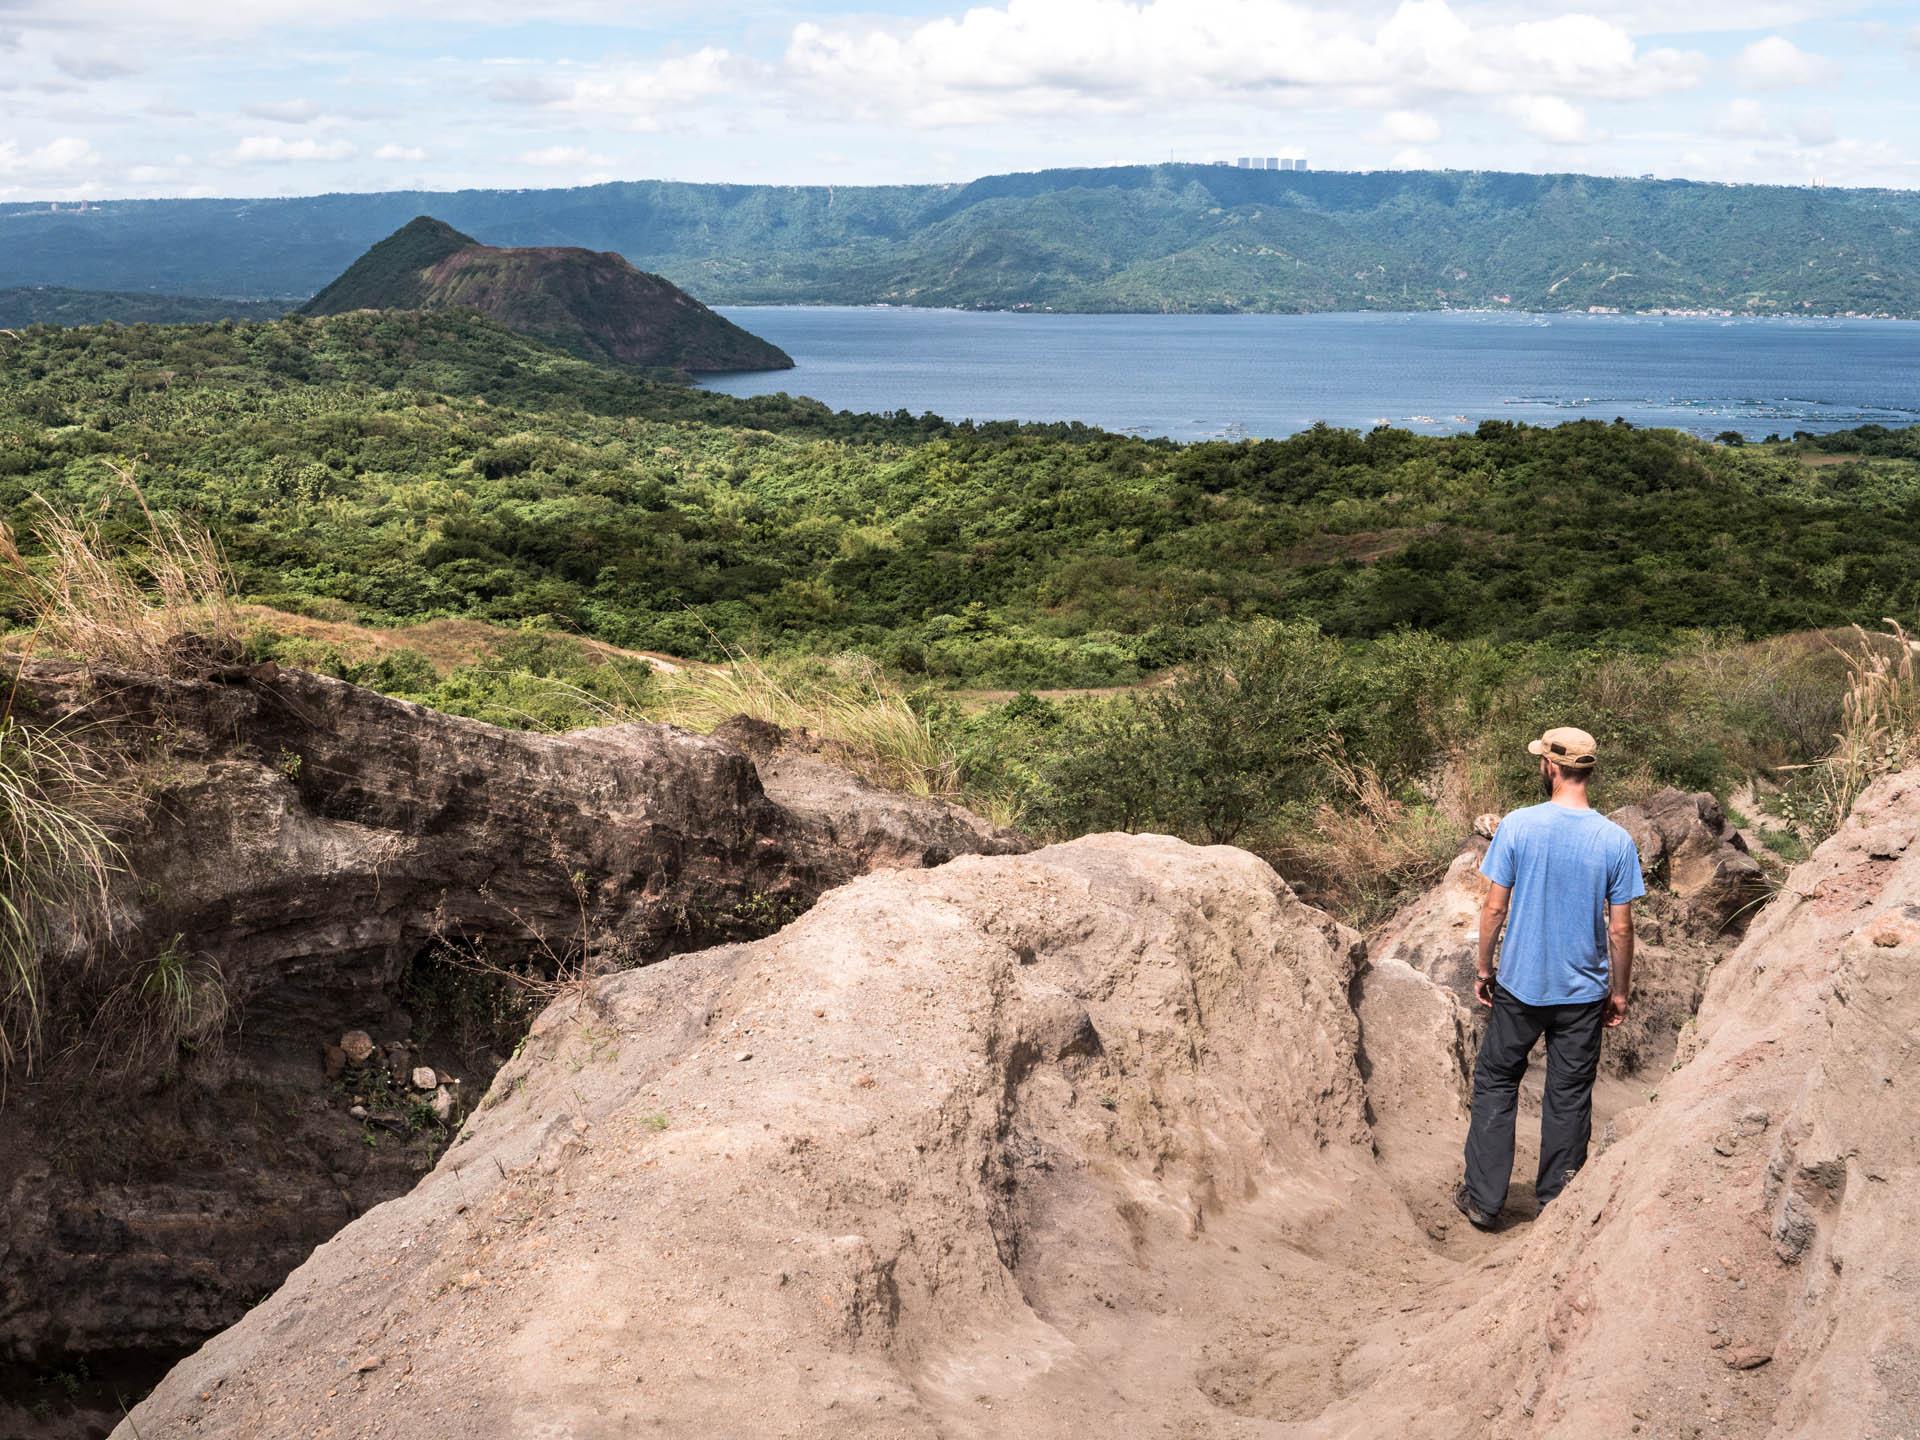 Volcan taal et son lac près de Tagaytay aux Philippines